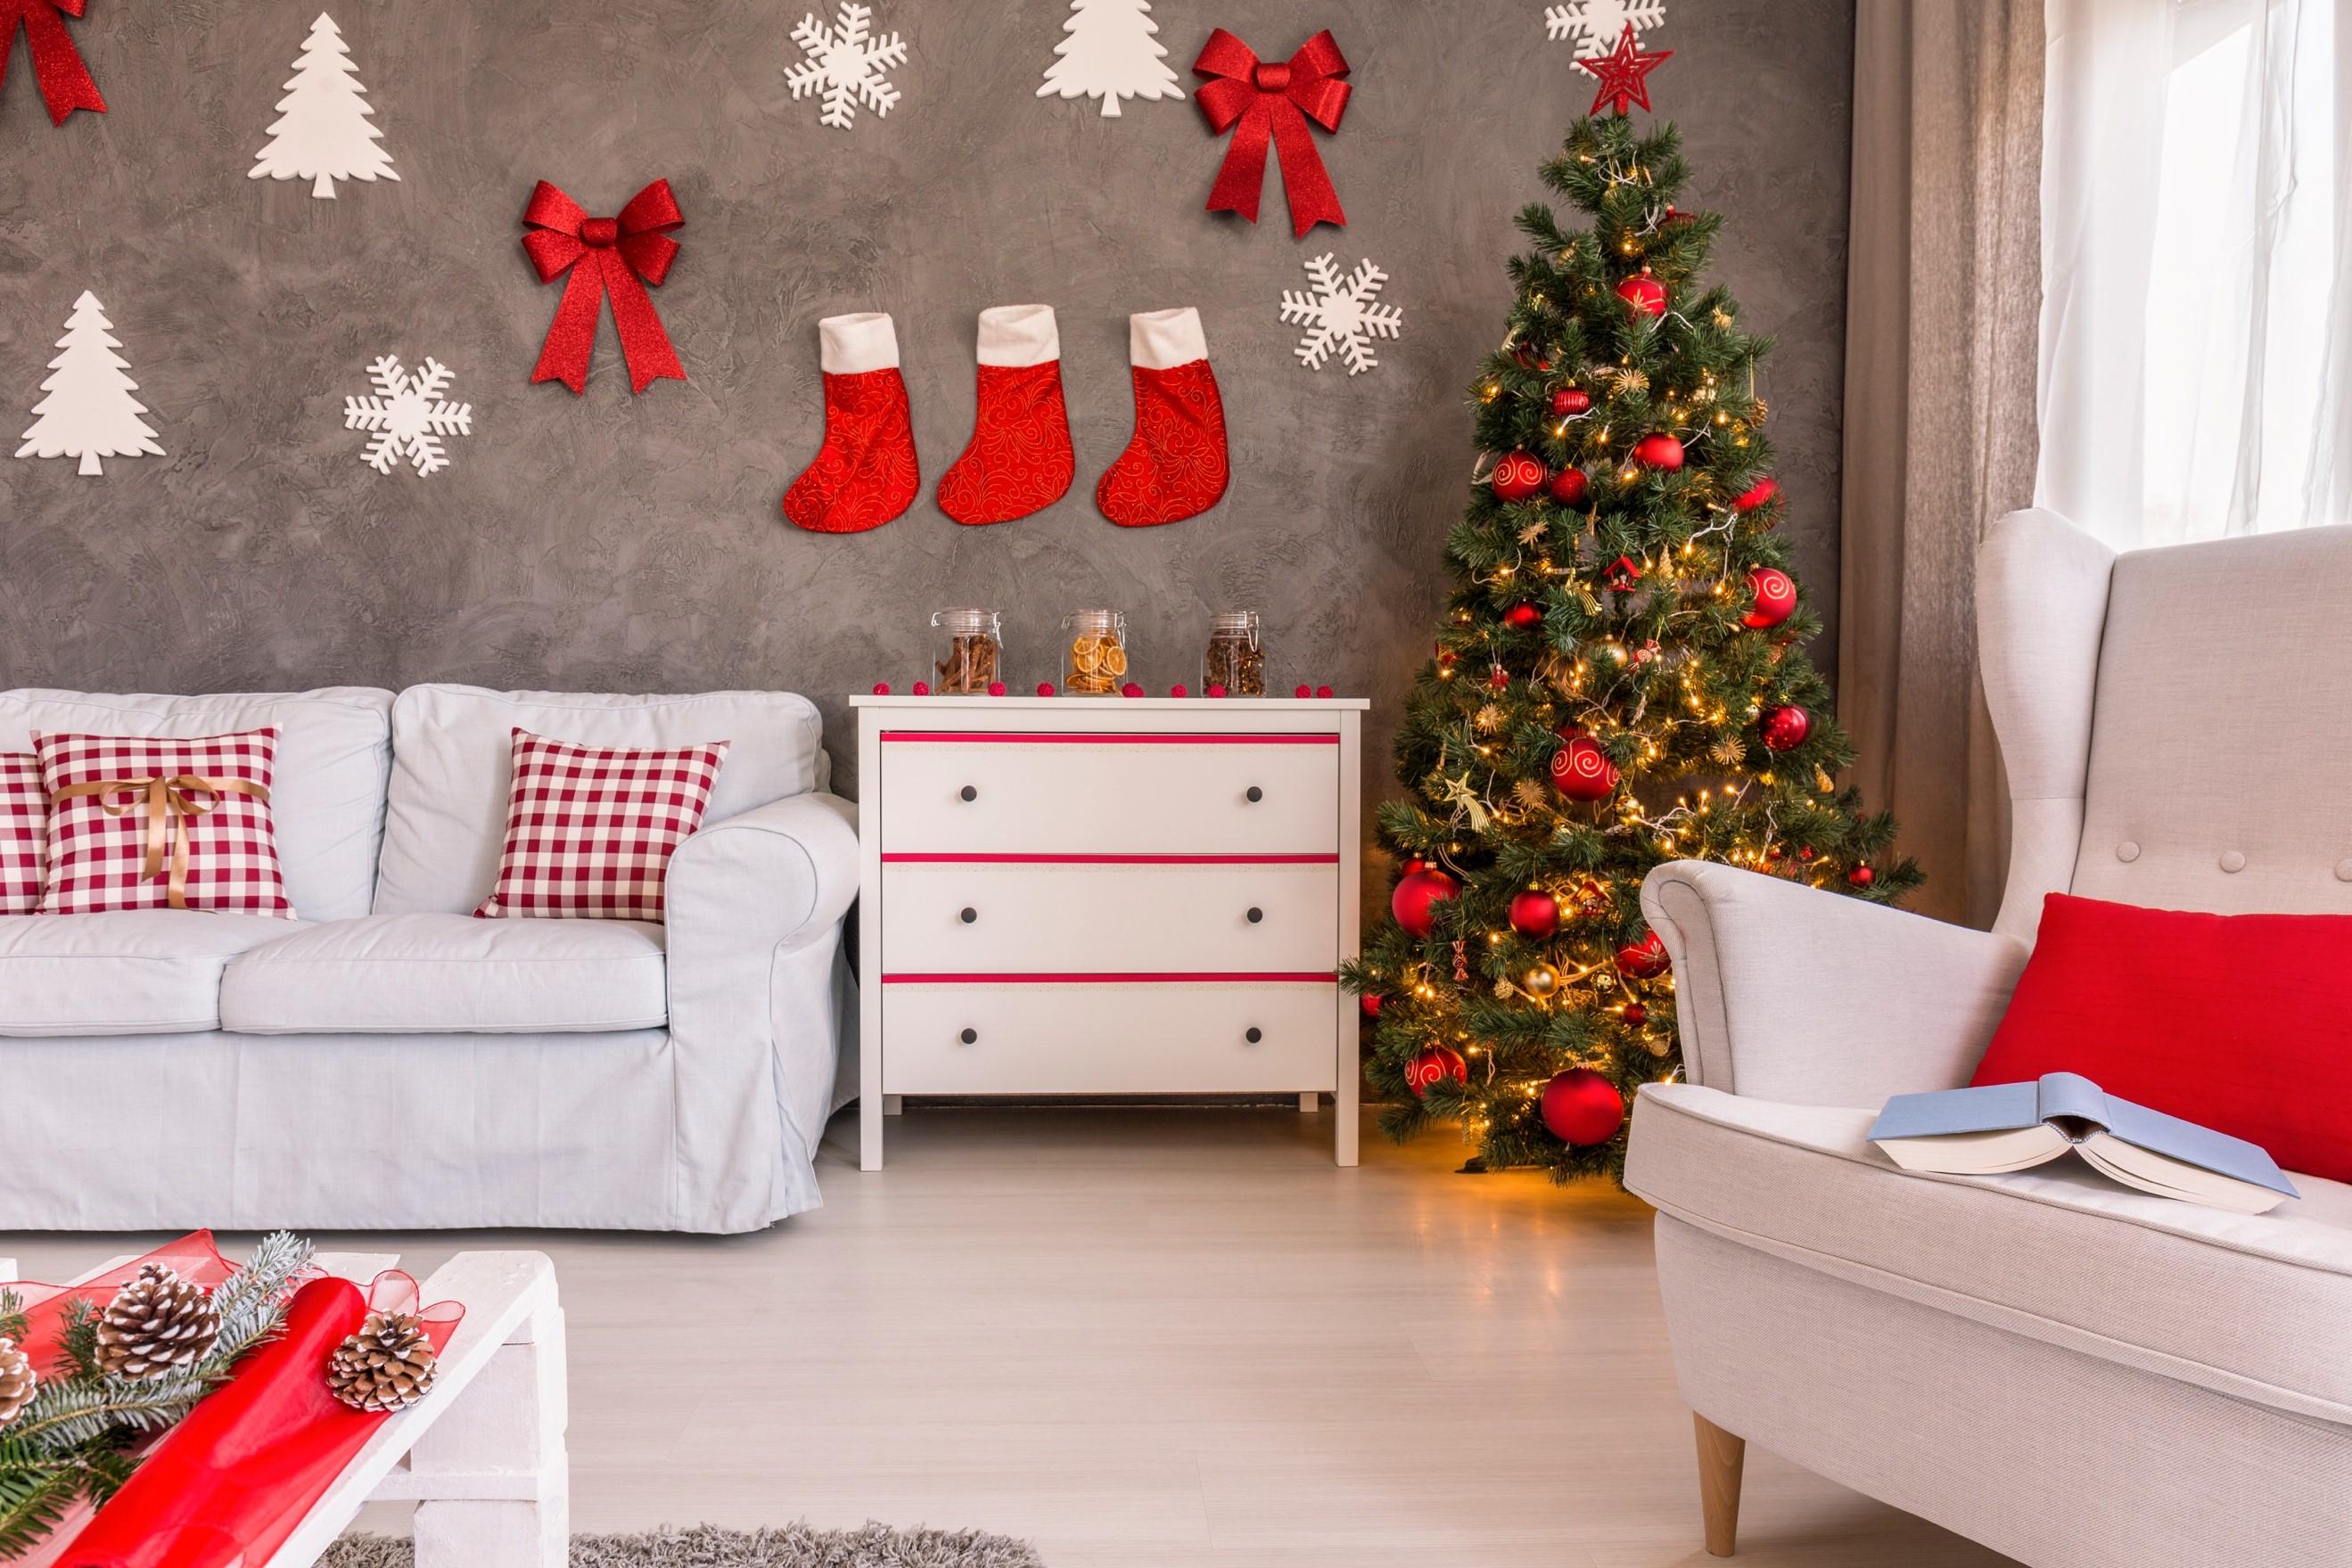 Árvore de Natal decorada: como planejar uma decoração original e criativa + passo a passo da montagem